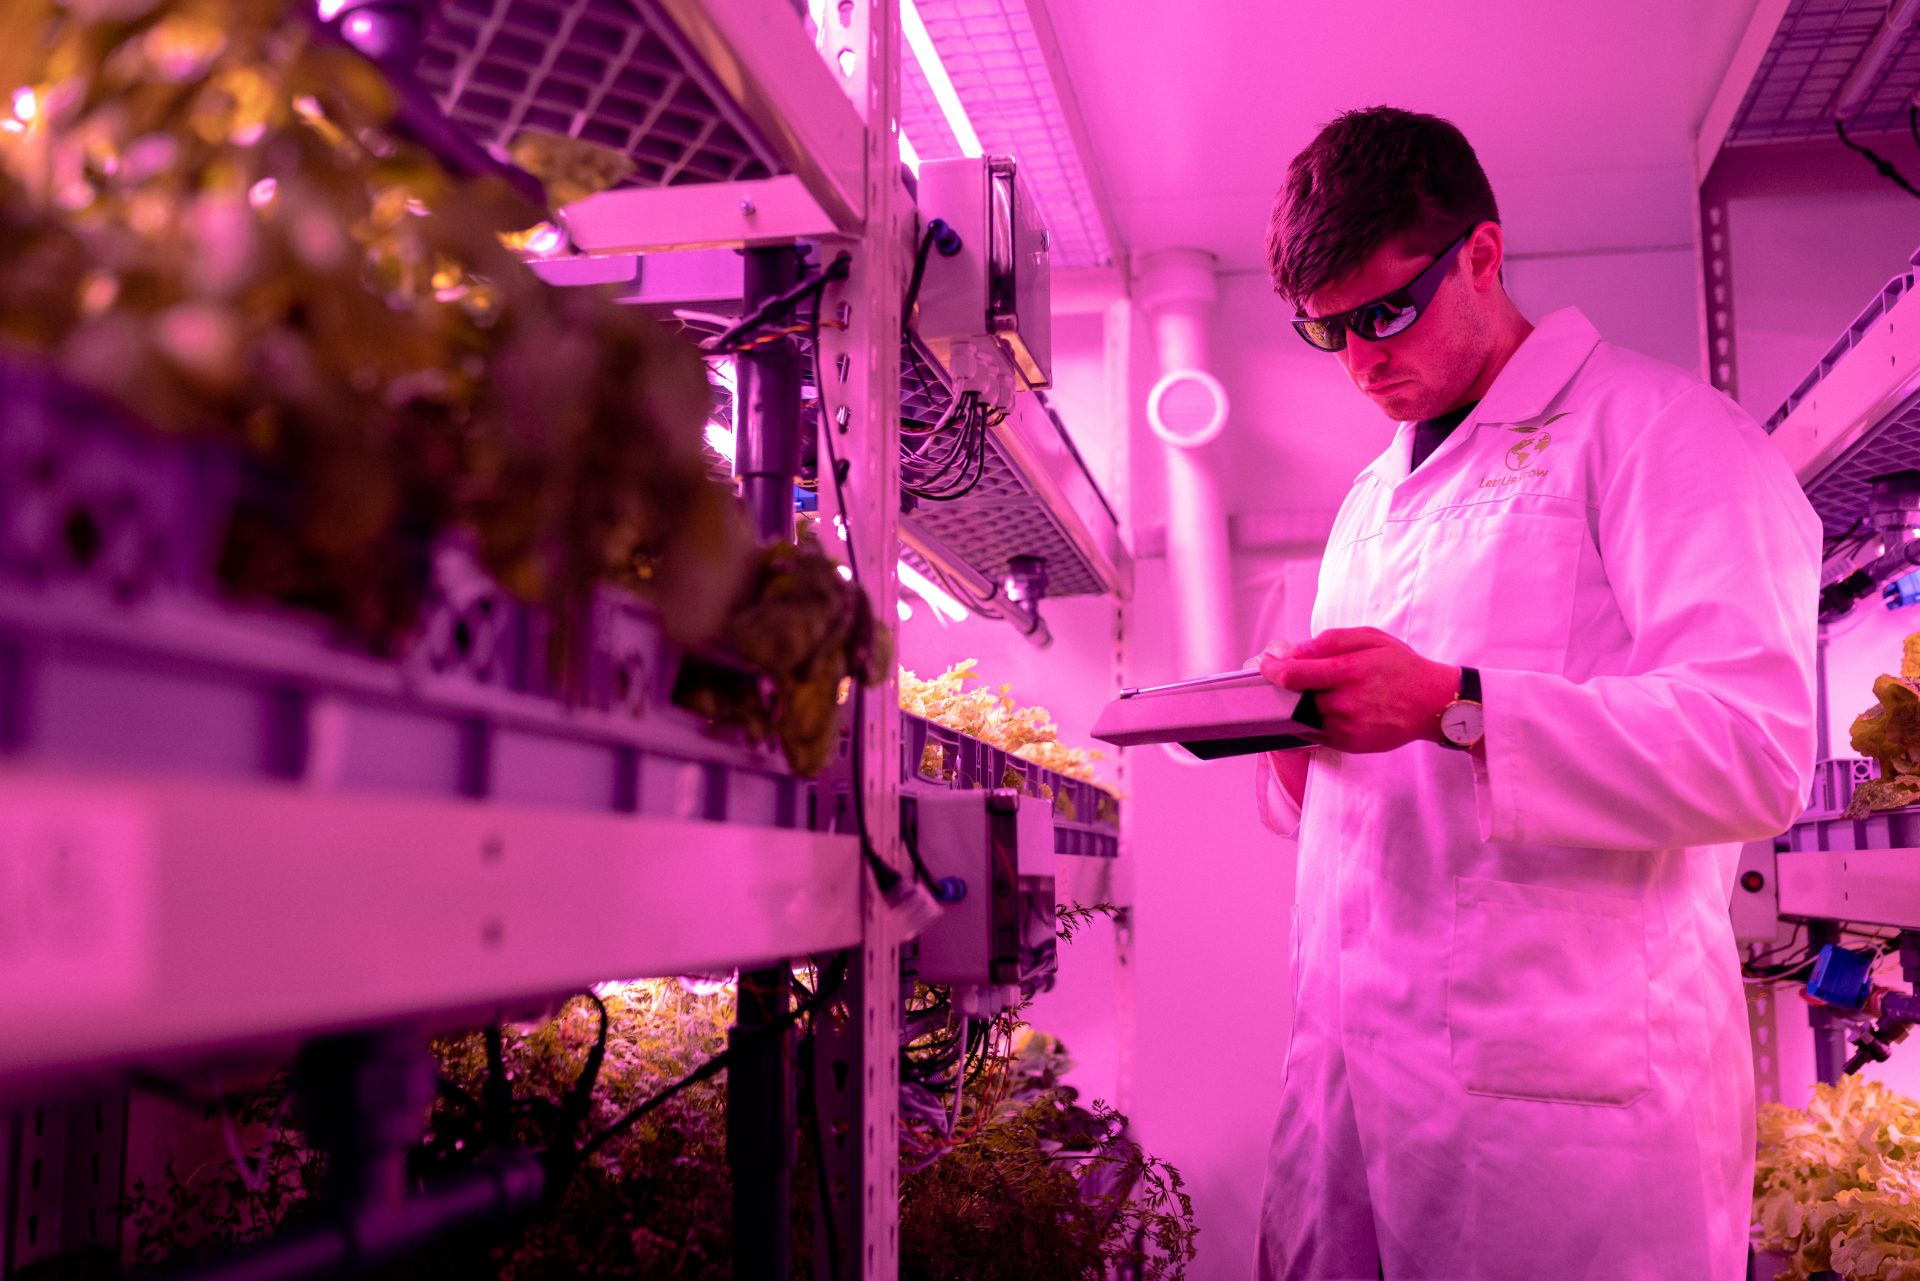 Scientifique qui utilise le LED pour faire pousser ses plantes